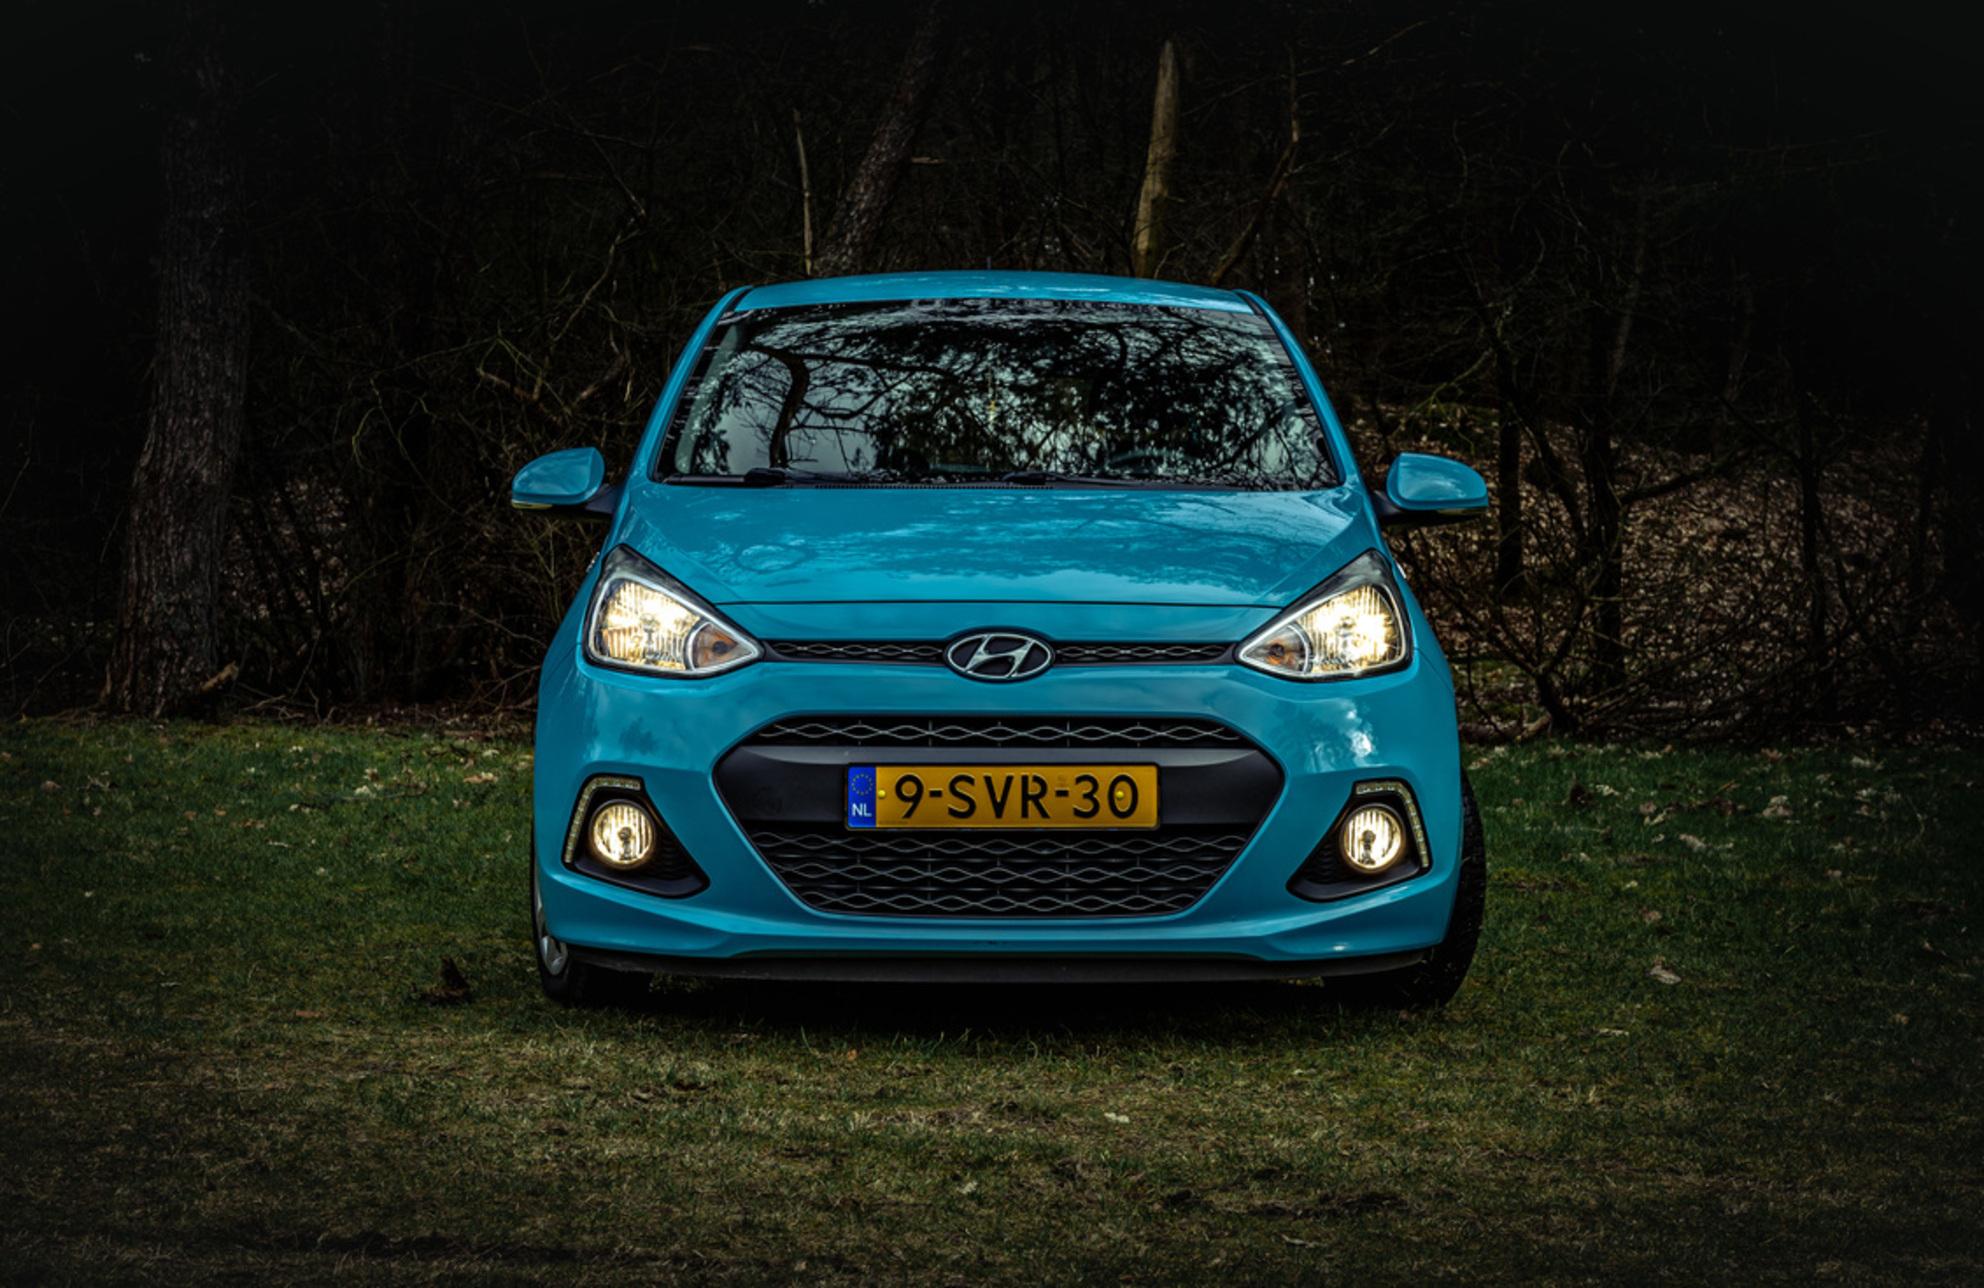 Hyundai i10 - - - foto door margrietha-timmer op 08-03-2021 - deze foto bevat: donker, licht, avond, auto - Deze foto mag gebruikt worden in een Zoom.nl publicatie